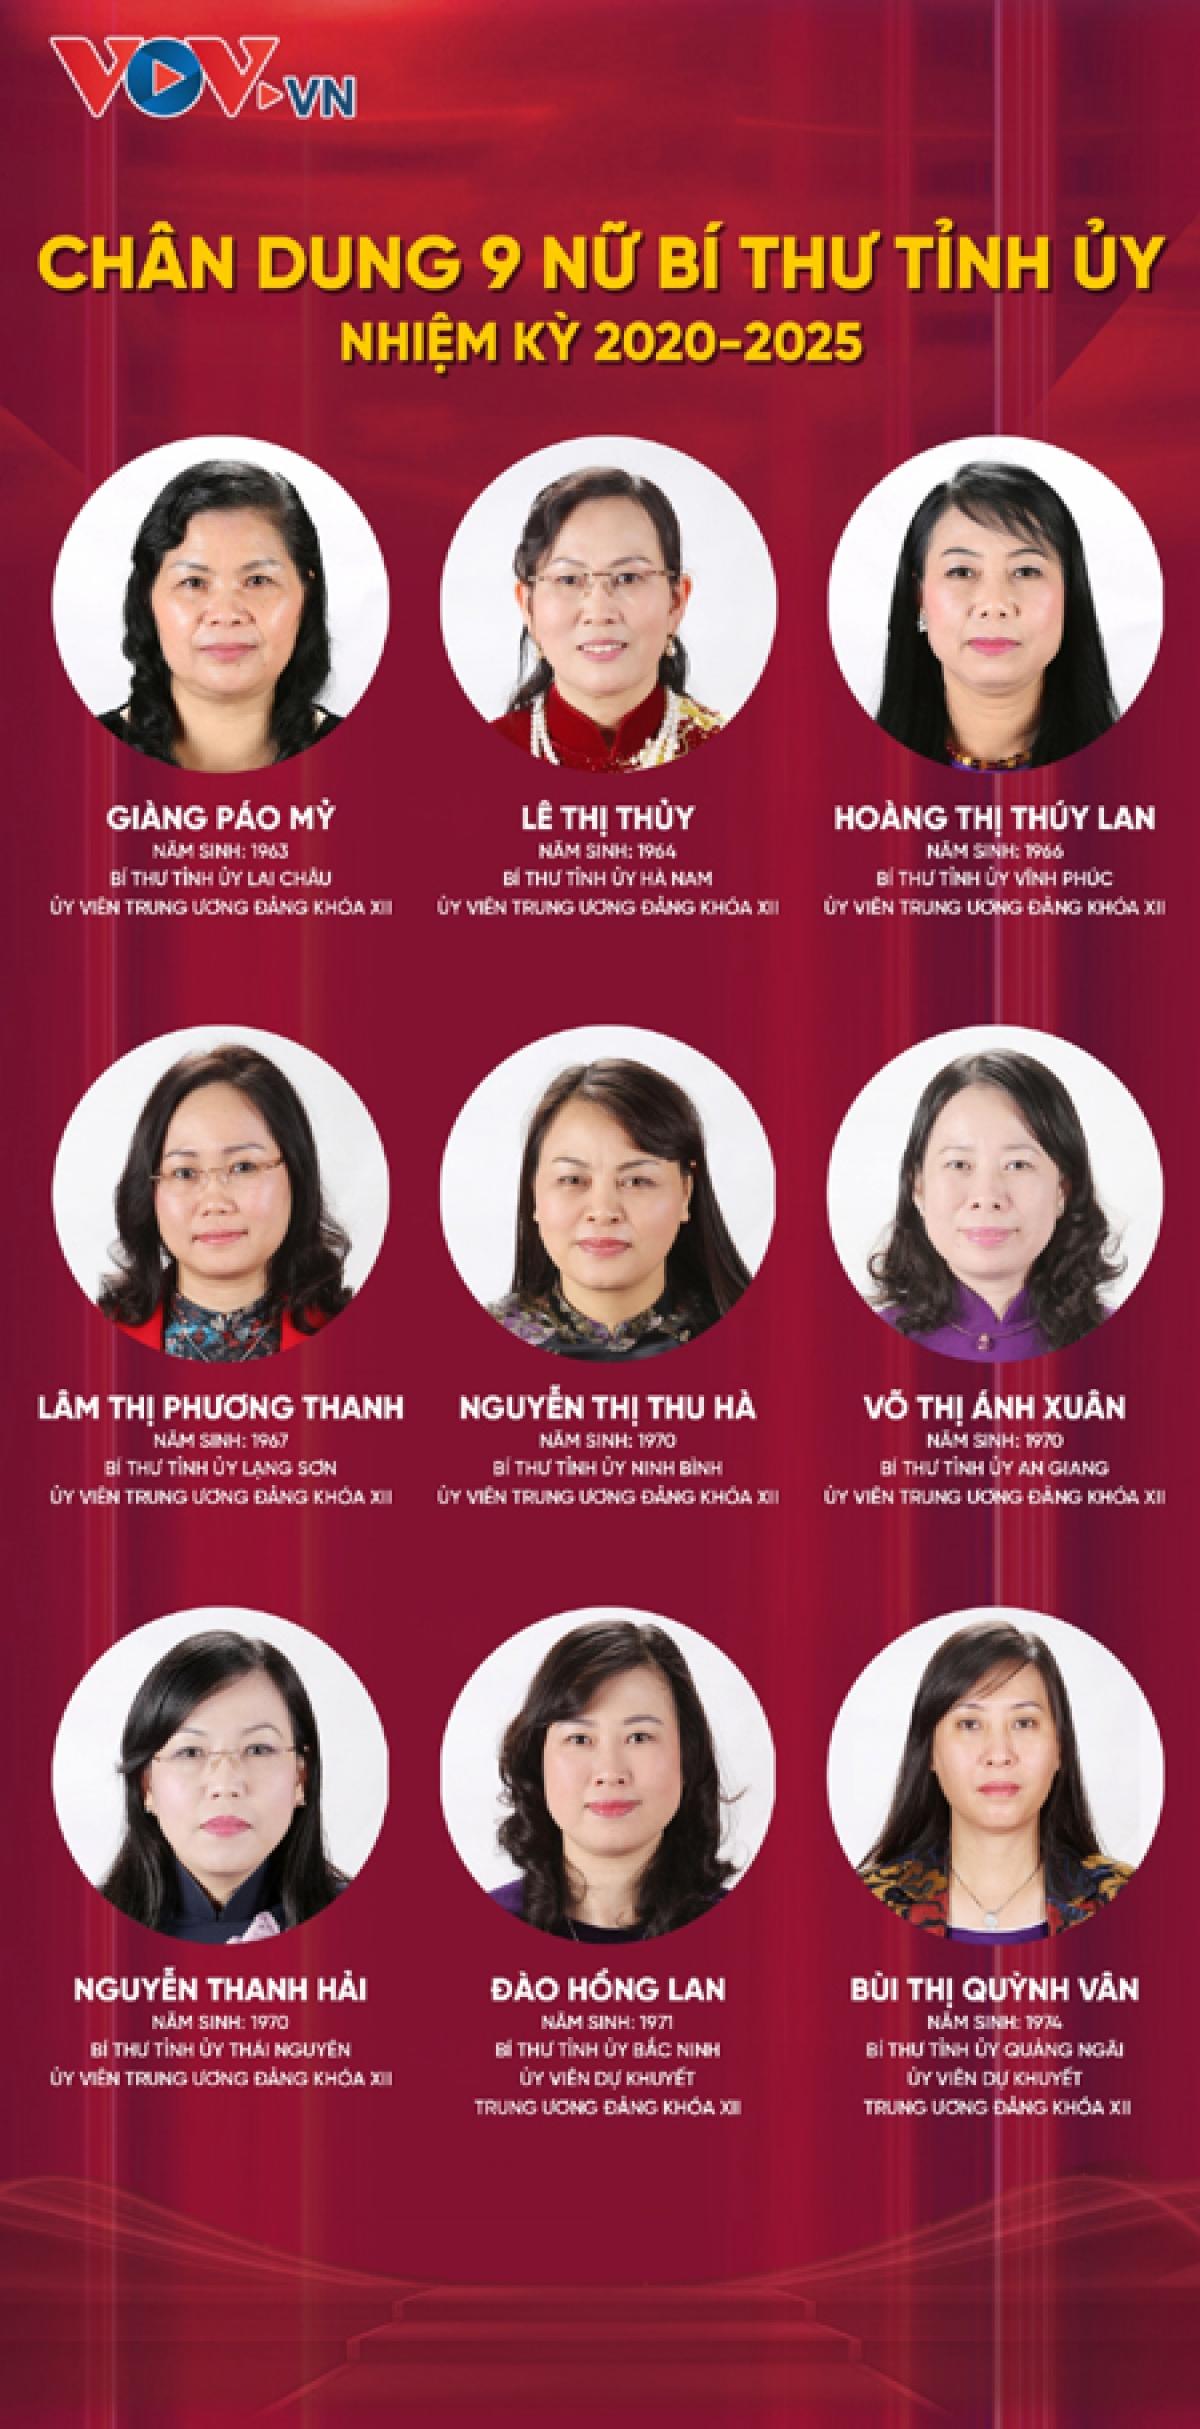 Chân dung 9 nữ Bí thư Tỉnh ủy nhiệm kỳ 2020-2025 (Đồ họa: Quang Huy)